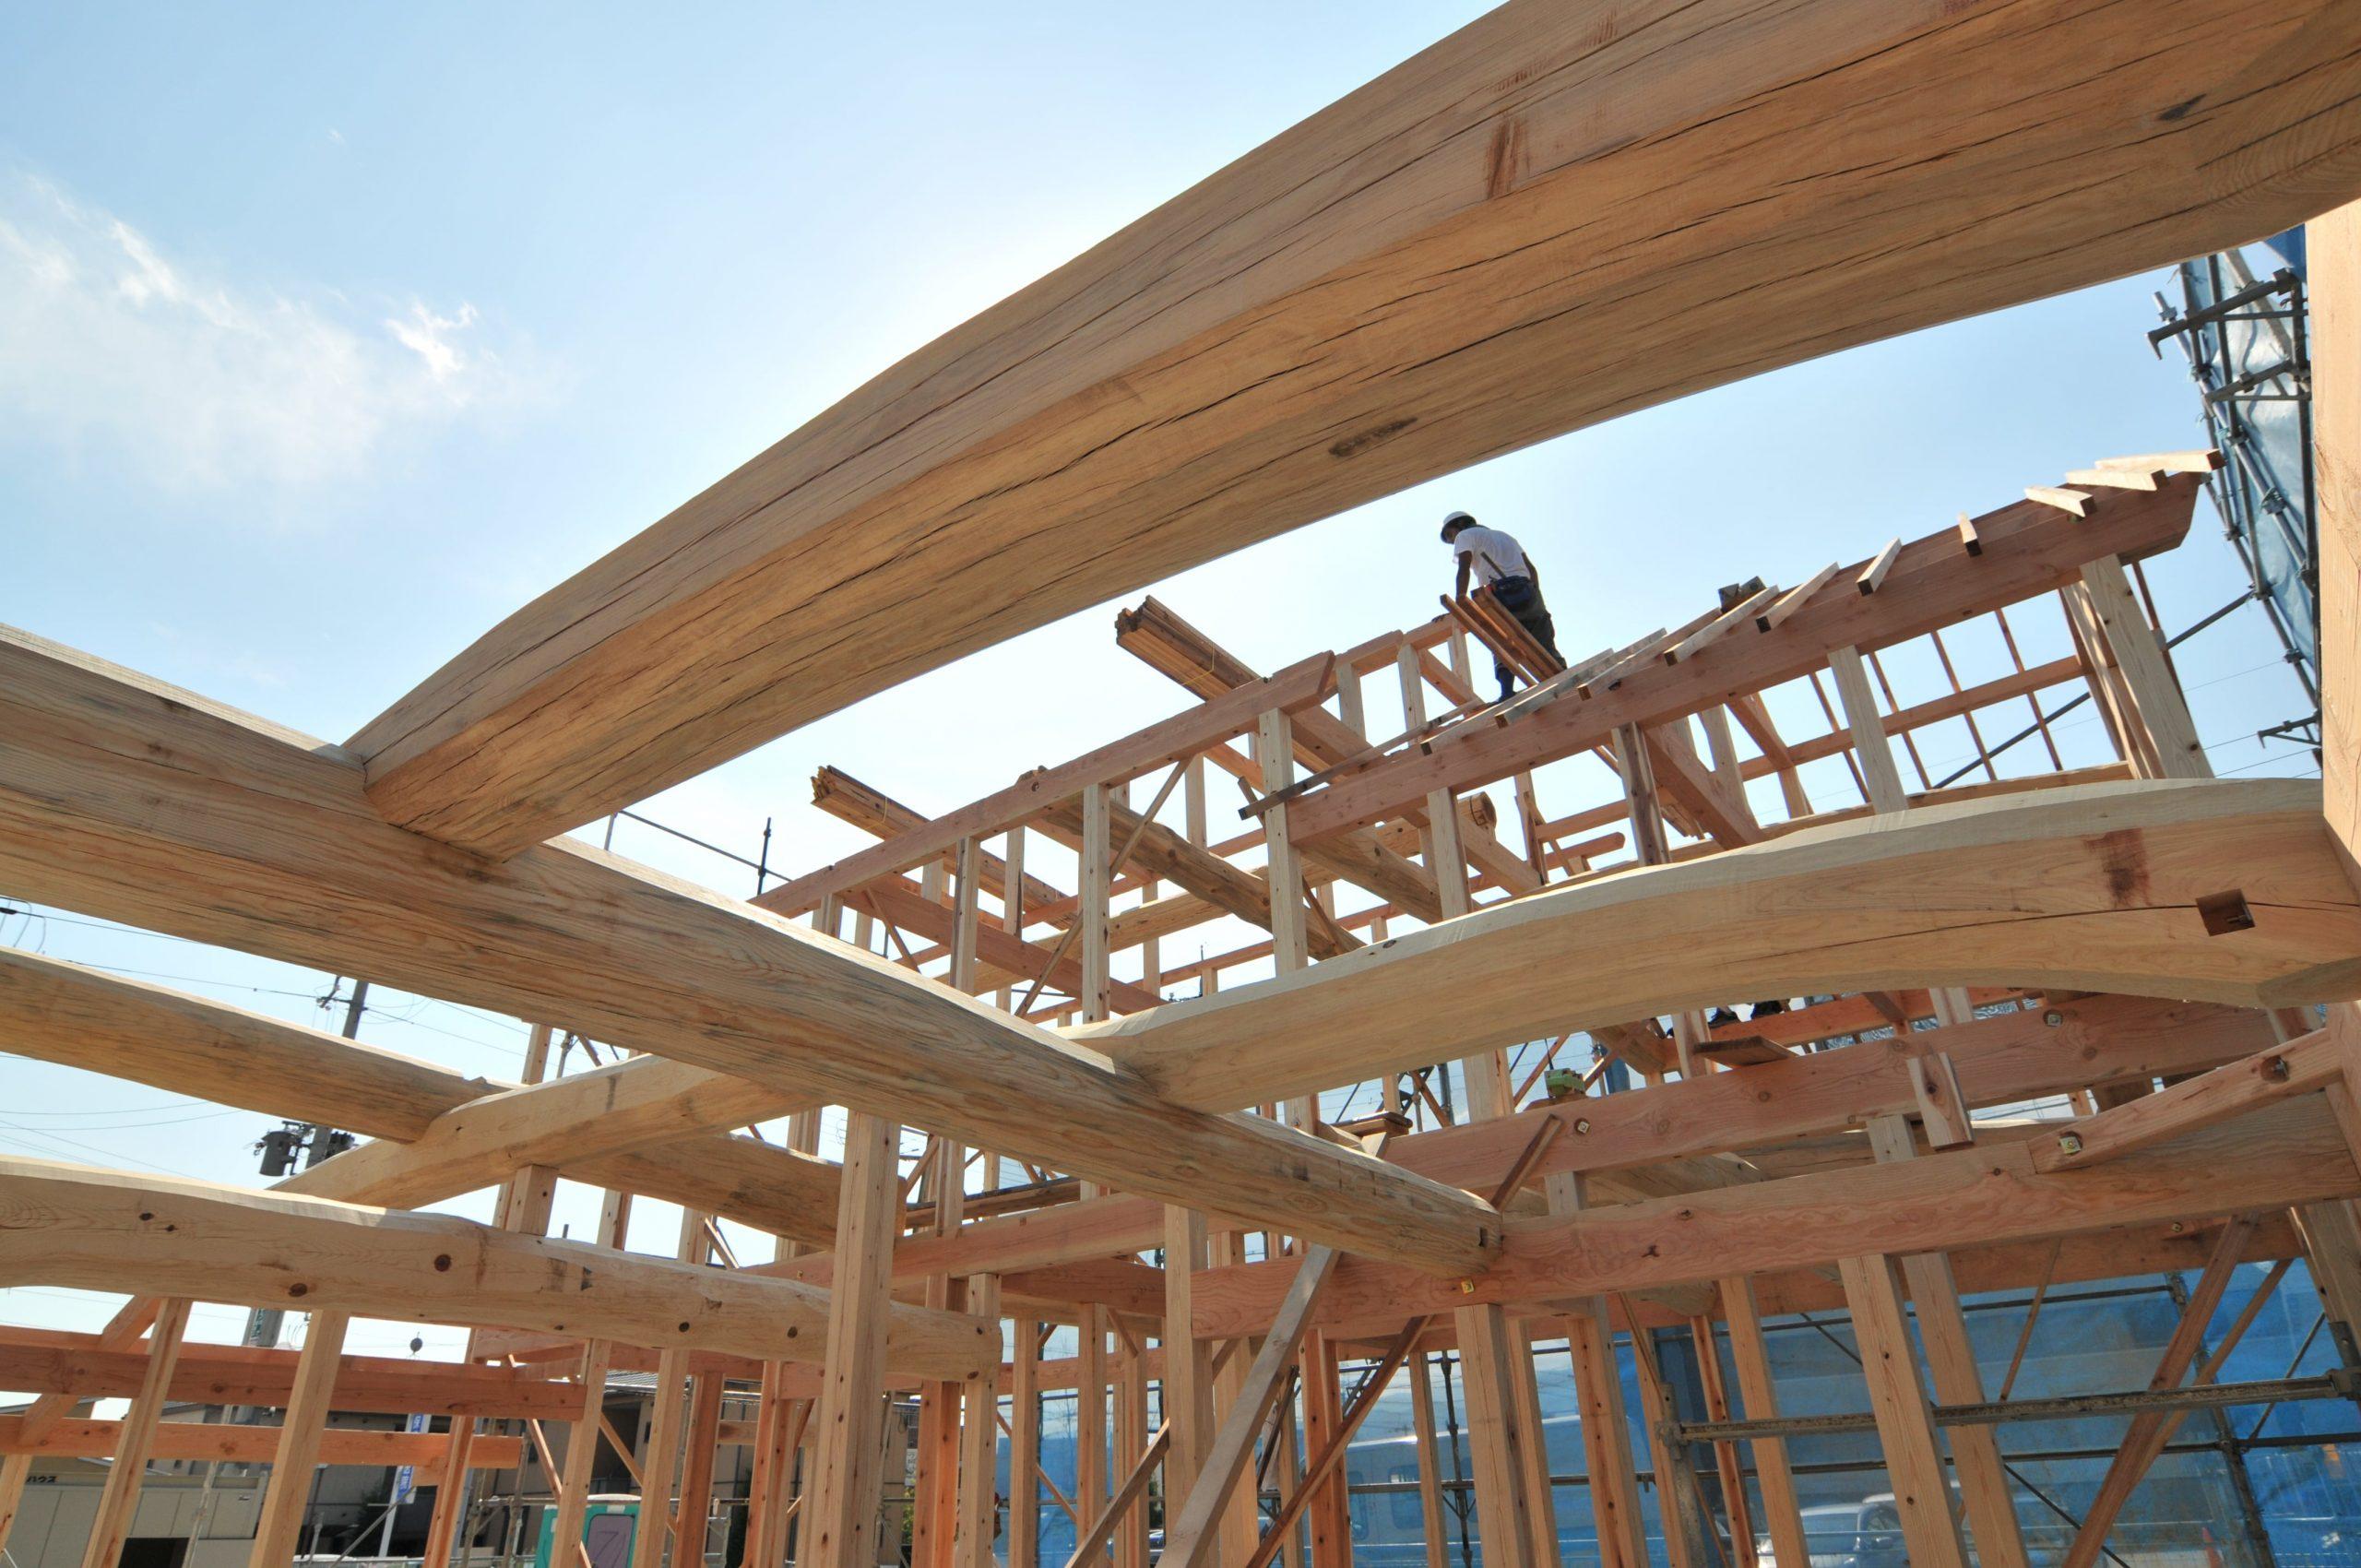 愛知県、名古屋で設計事務所をお探しの方へ!東海地方でカフェデザインや設計、木造住宅のリフォーム(改装 増改築)なら、小牧市の一級建築士事務所「(株)和田建設」へご相談ください。